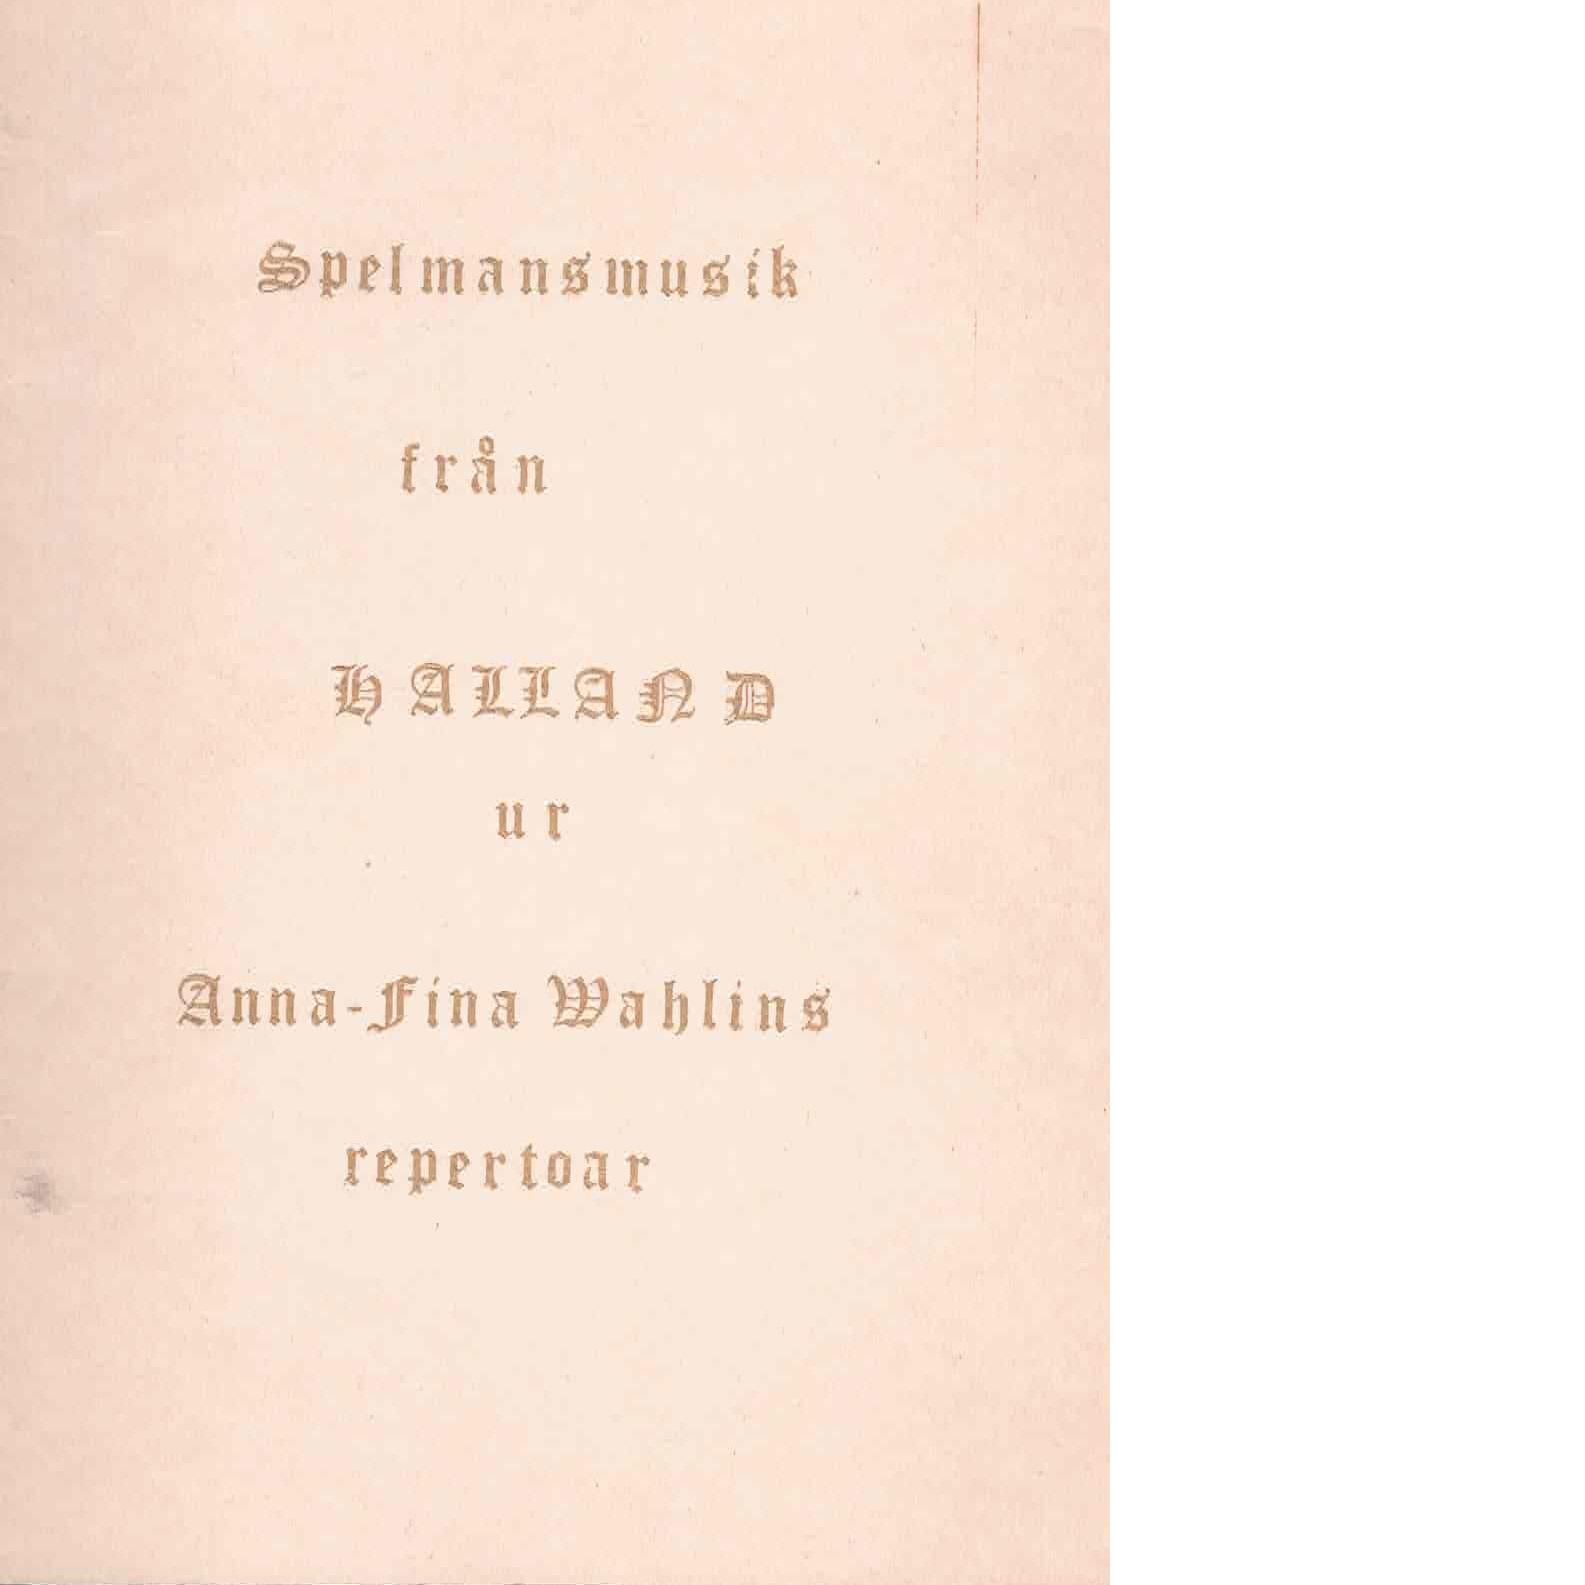 Spelmansmusik från Halland [Musiktryck] : ur Anna-Fina Wahlins repertoar - Red.